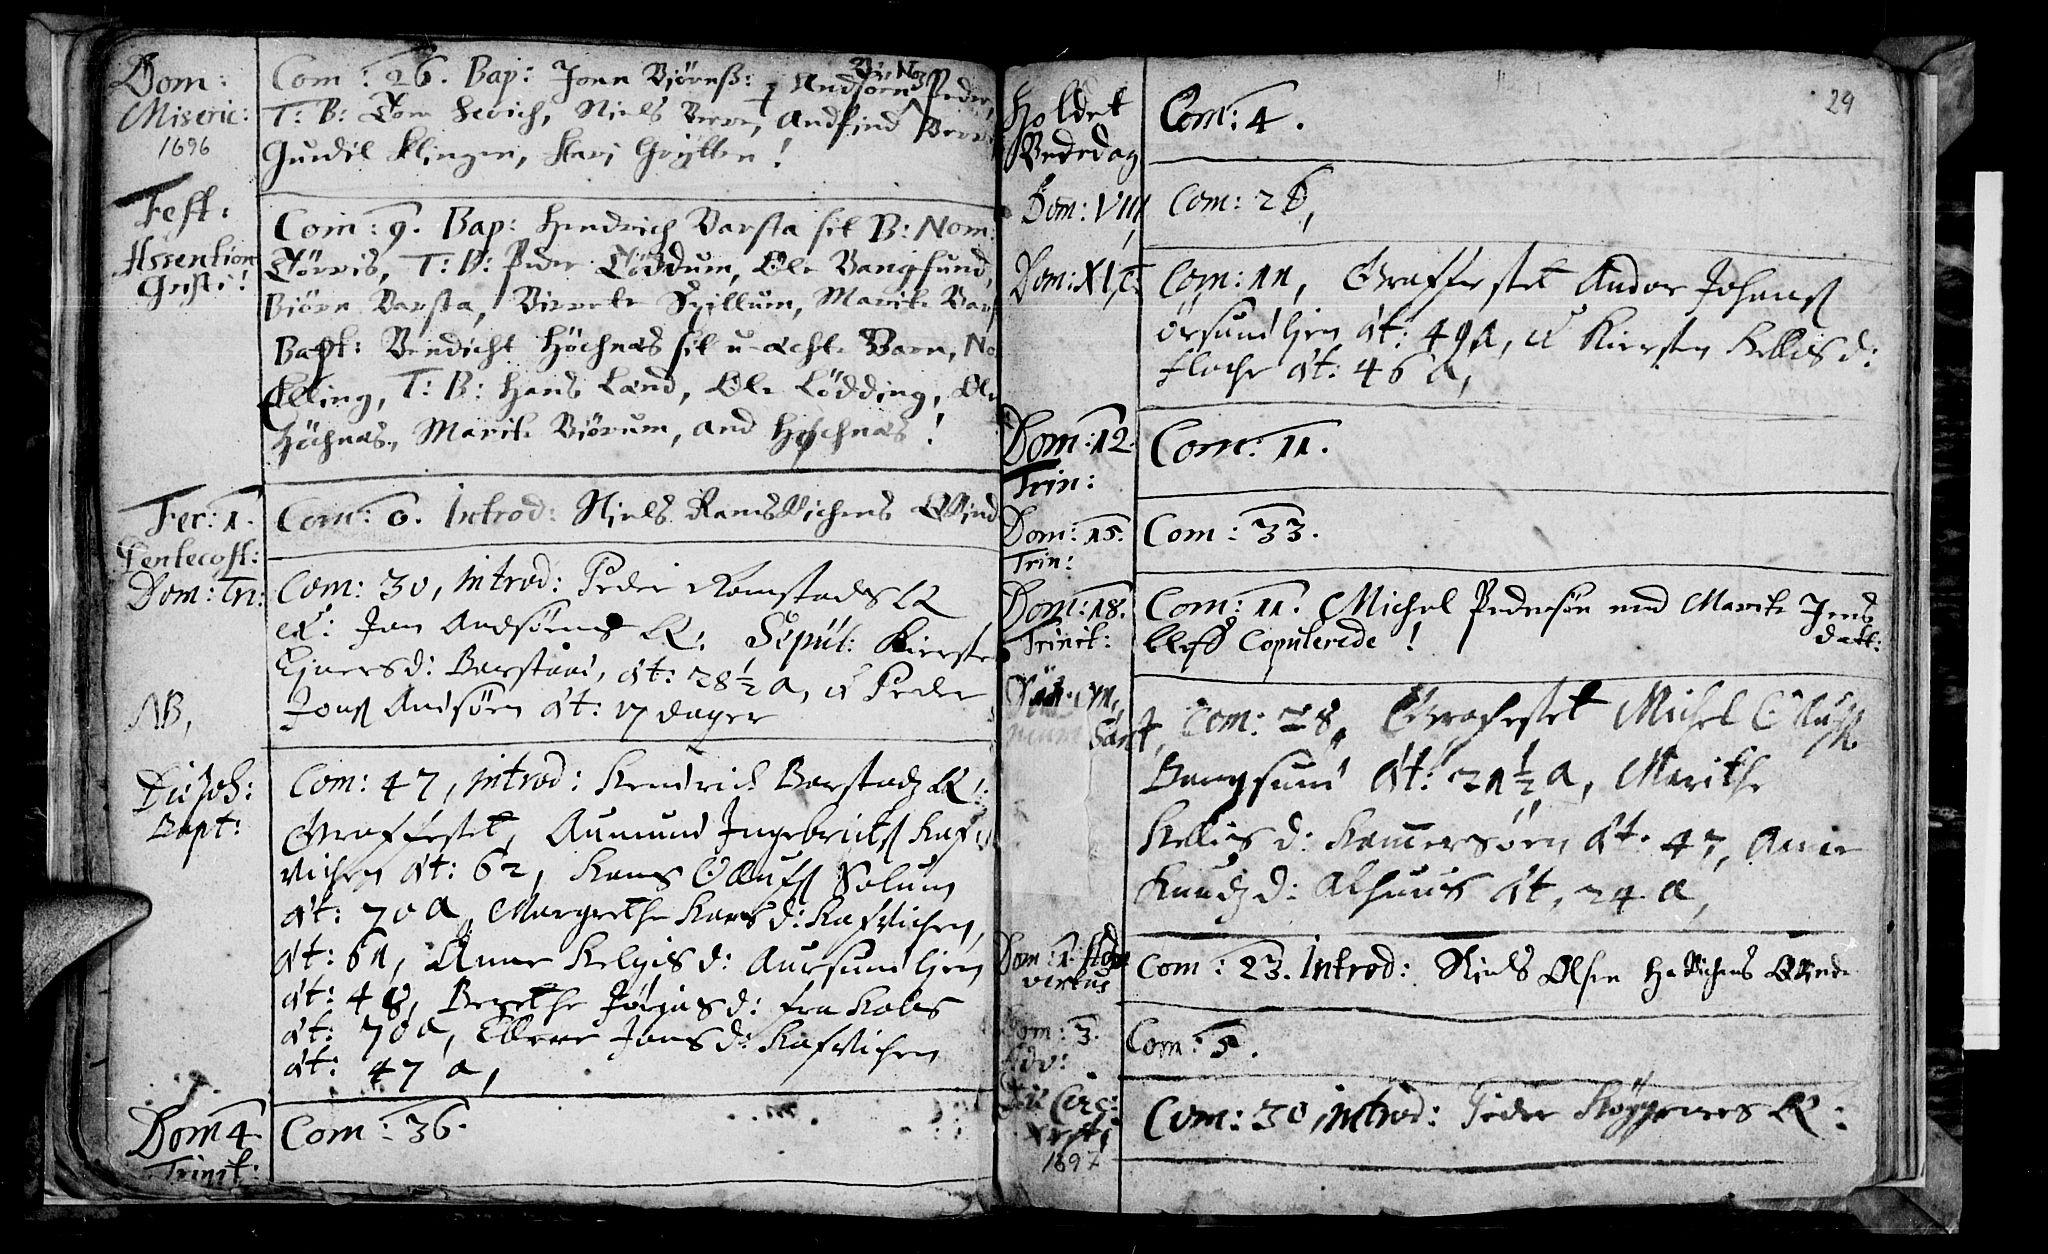 SAT, Ministerialprotokoller, klokkerbøker og fødselsregistre - Nord-Trøndelag, 770/L0587: Ministerialbok nr. 770A01, 1689-1697, s. 28-29